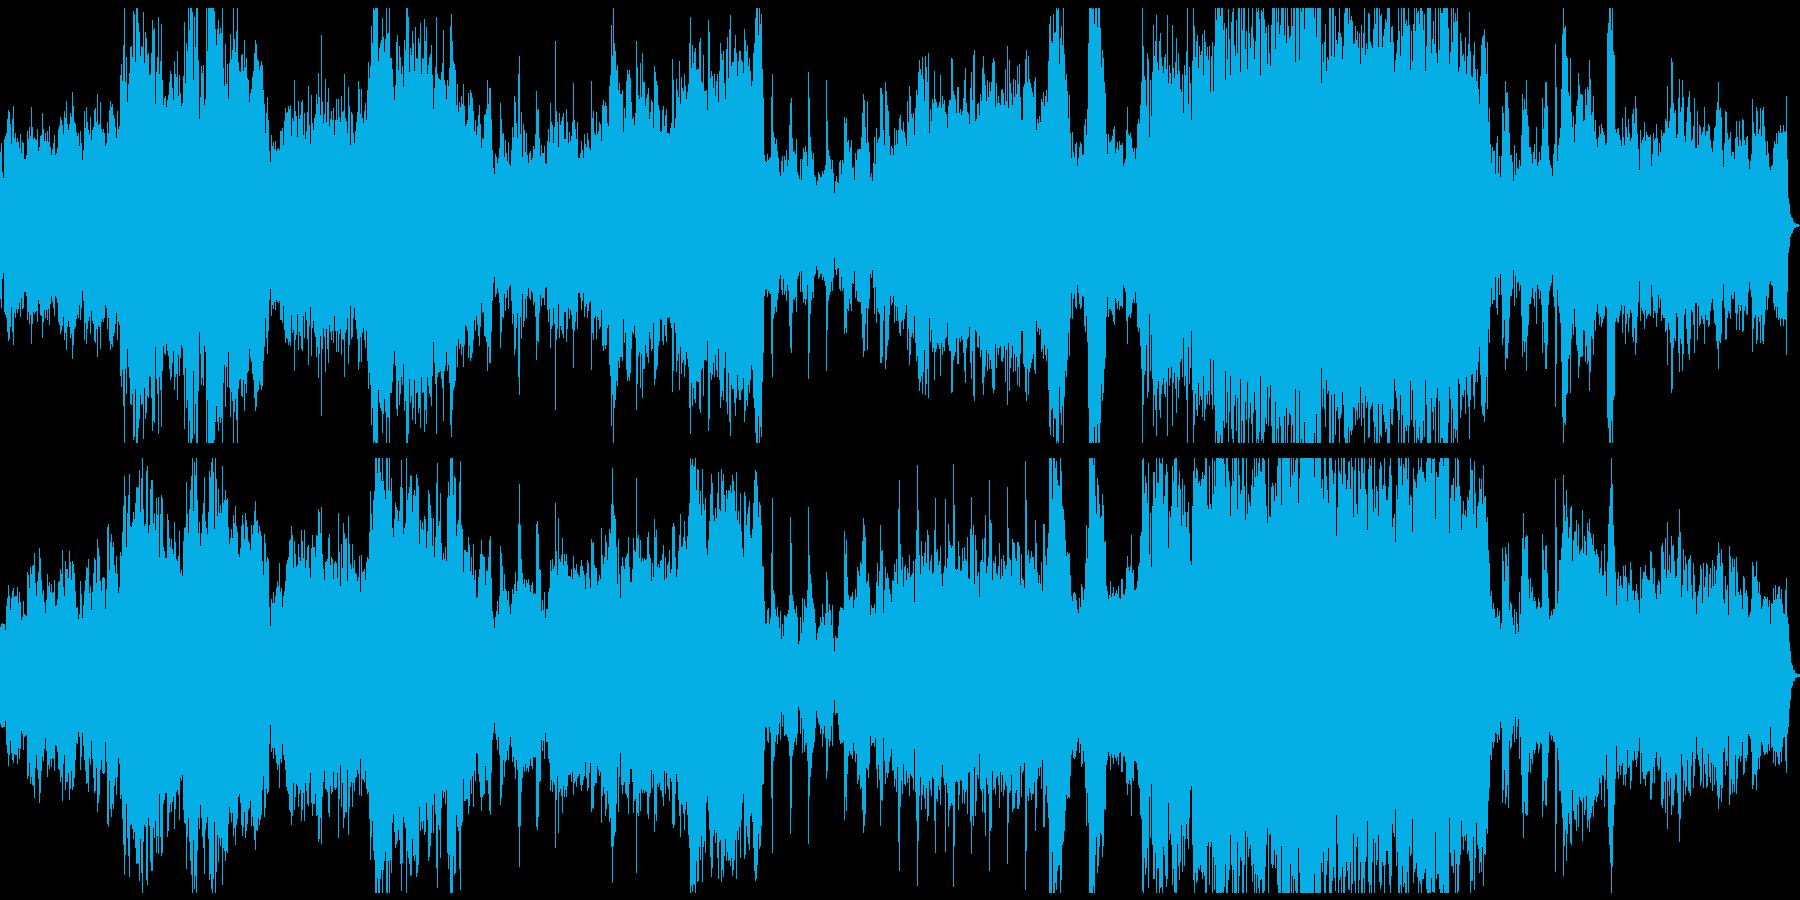 物語の展開が感じられるオーケストラ楽曲の再生済みの波形